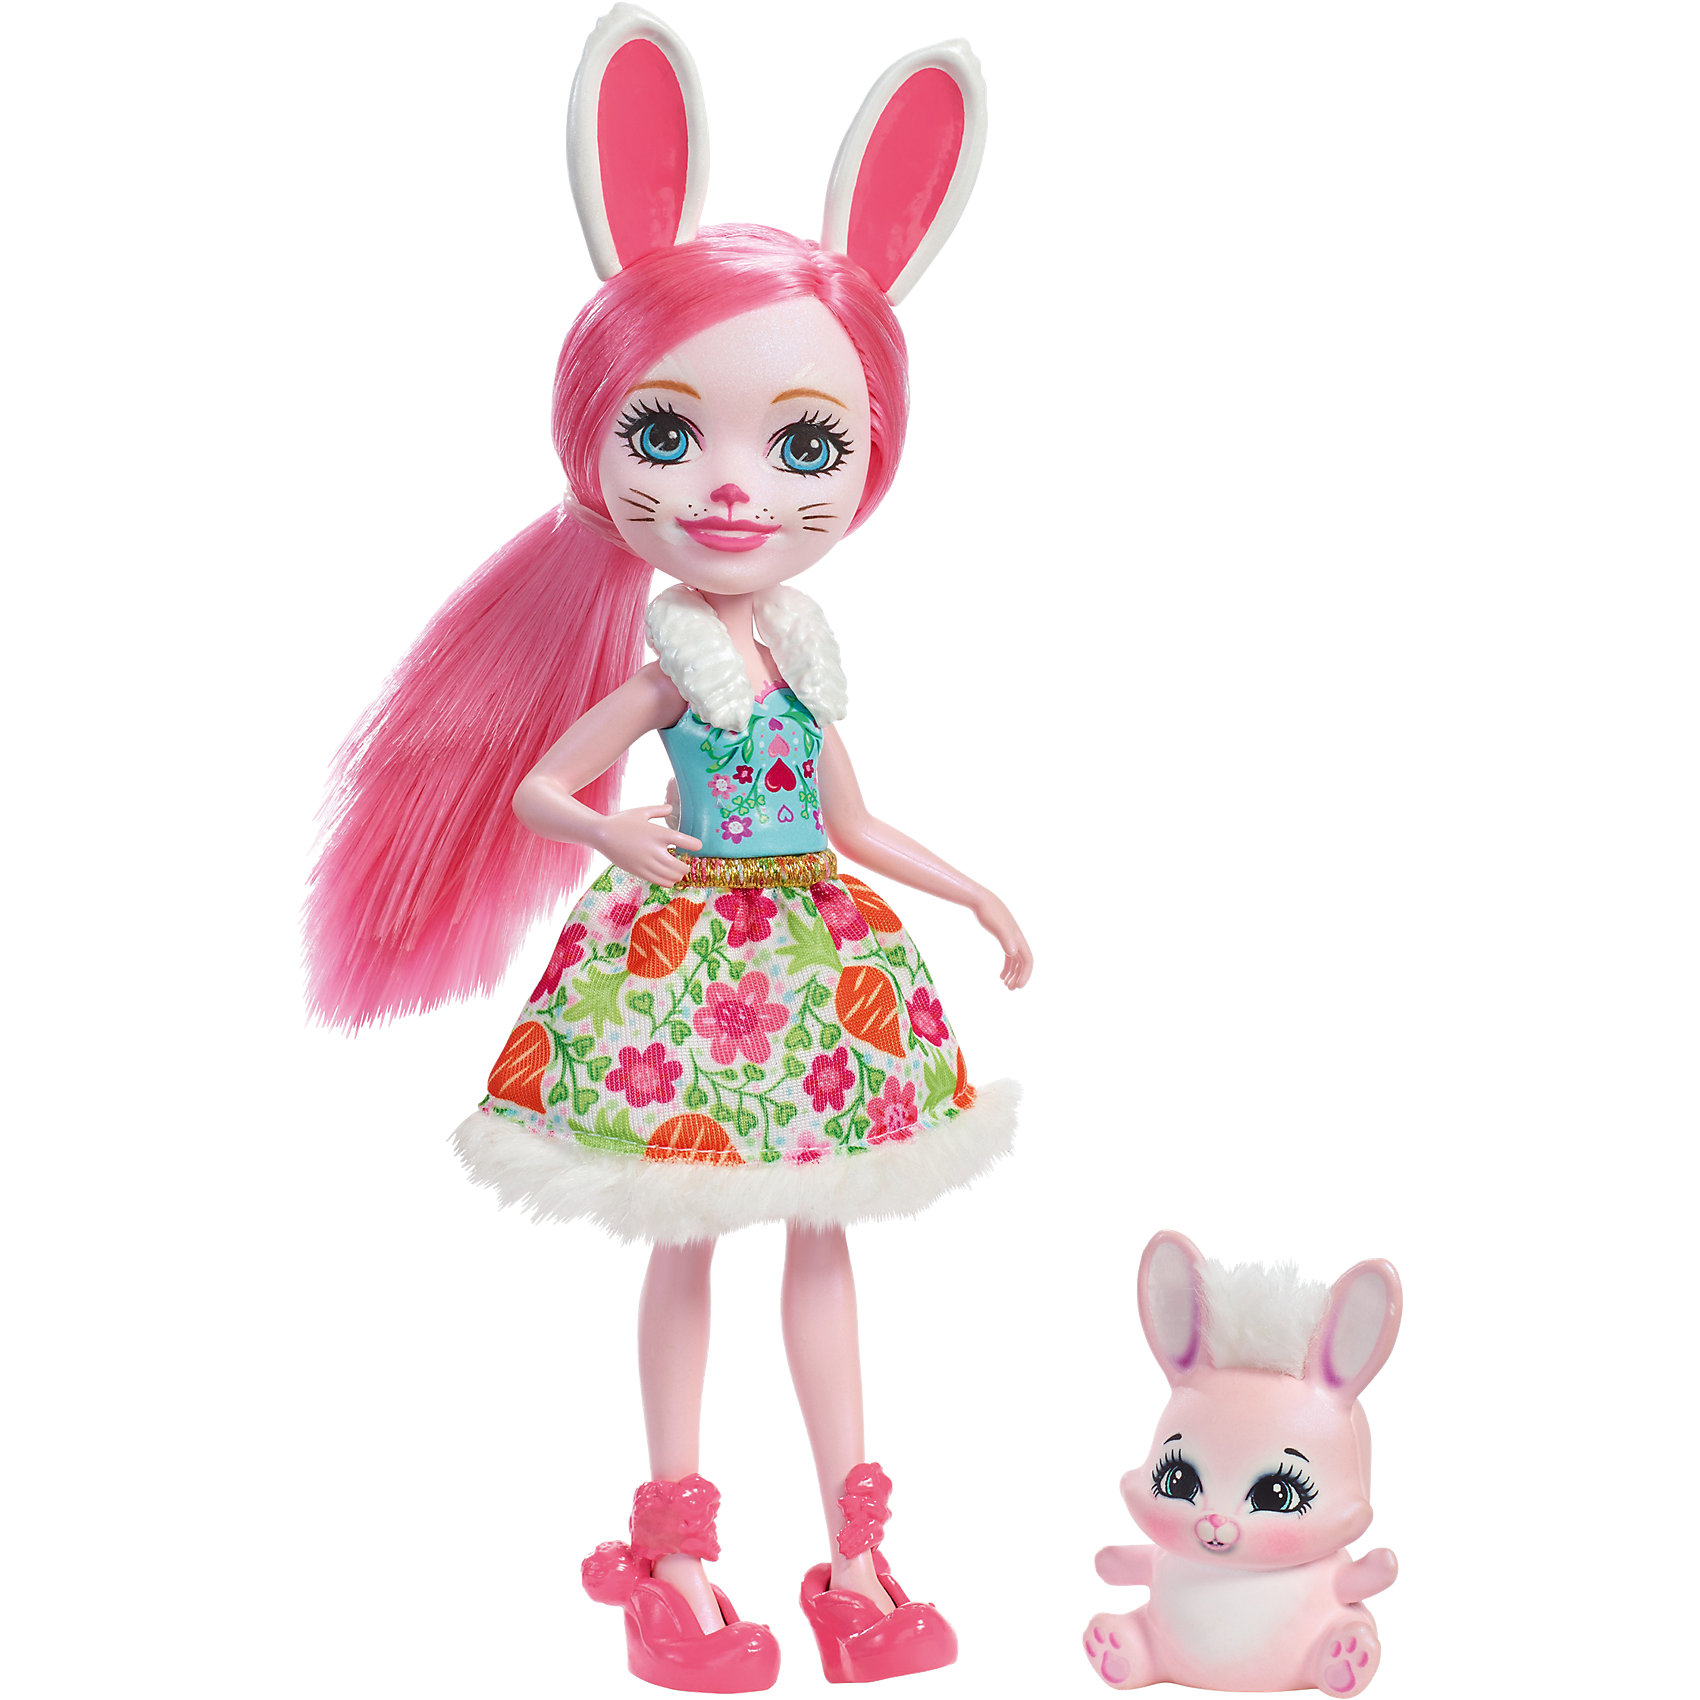 Кукла-кролик Enchantimals Бри БанниМини-куклы<br>Характеристики товара:<br><br>• возраст: от 3 лет;<br>• пол: девочка;<br>• материал: пластик, текстиль<br>• высота куклы: 15 см;<br>• в комплекте : кукла, фигурка питомца; <br>• подвижные руки, ноги и голова кукол;<br>• мягкие волосы, которые можно расчесывать;                                         <br>• страна-производитель: Индонезия;                                    <br>• размер упаковки: 5,5х10х32,5 см.<br><br>Новинка от Mattel!!!<br>Перед вами Бри Кроля и ее милый пушистый кролик Твист. Они так похожи! У Бри есть кроличьи ушки, хвостик и носик. А еще у нее нежно-розовая кожа, голубые глазки и розовые длинные волосы, которые можно расчёсывать. <br><br>Наряд Бри просто очарователен: белый меховой воротник, нежно-голубой топ с рисунком цветочков и сердечек, пышная белая юбка с принтом из цветов и морковок и отделкой из меха. А еще на ножках нашей героини красуются туфельки в виде кроликов, дополняющие образ.<br><br>У Твиста милая мордочка, лапки и ушки, большие глазки и пушистый мех.<br><br>Куклу Бри Кроля от Mattel можно купить в нашем интернет-магазине.<br><br>Ширина мм: 231<br>Глубина мм: 129<br>Высота мм: 37<br>Вес г: 93<br>Возраст от месяцев: 72<br>Возраст до месяцев: 120<br>Пол: Женский<br>Возраст: Детский<br>SKU: 6739697